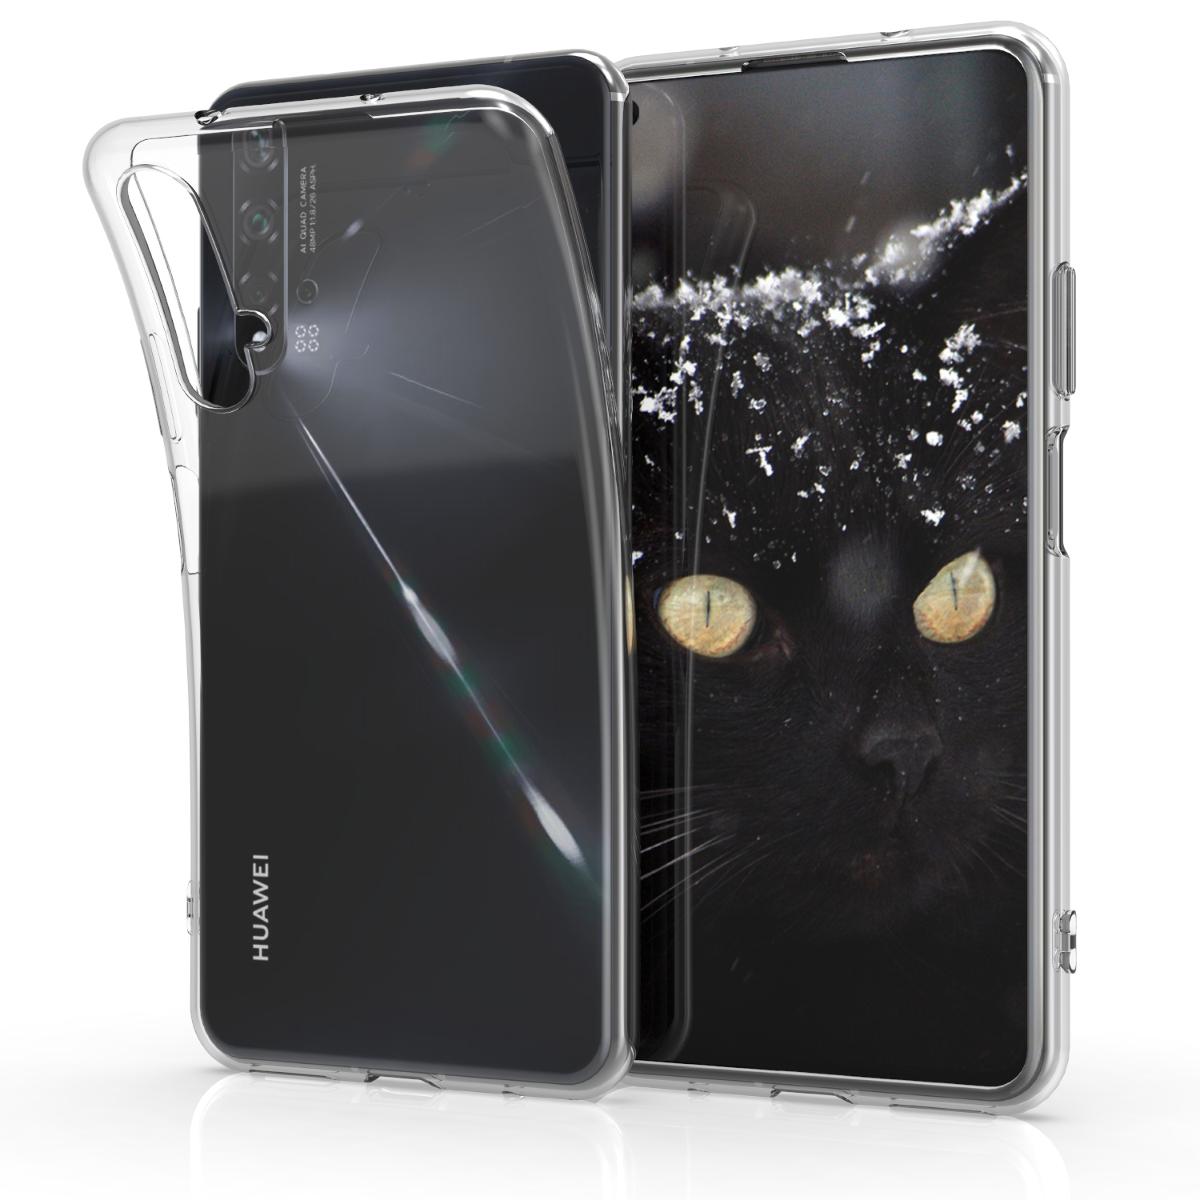 Průhledné silikonové pouzdro / obal pro Huawei Nova 5T